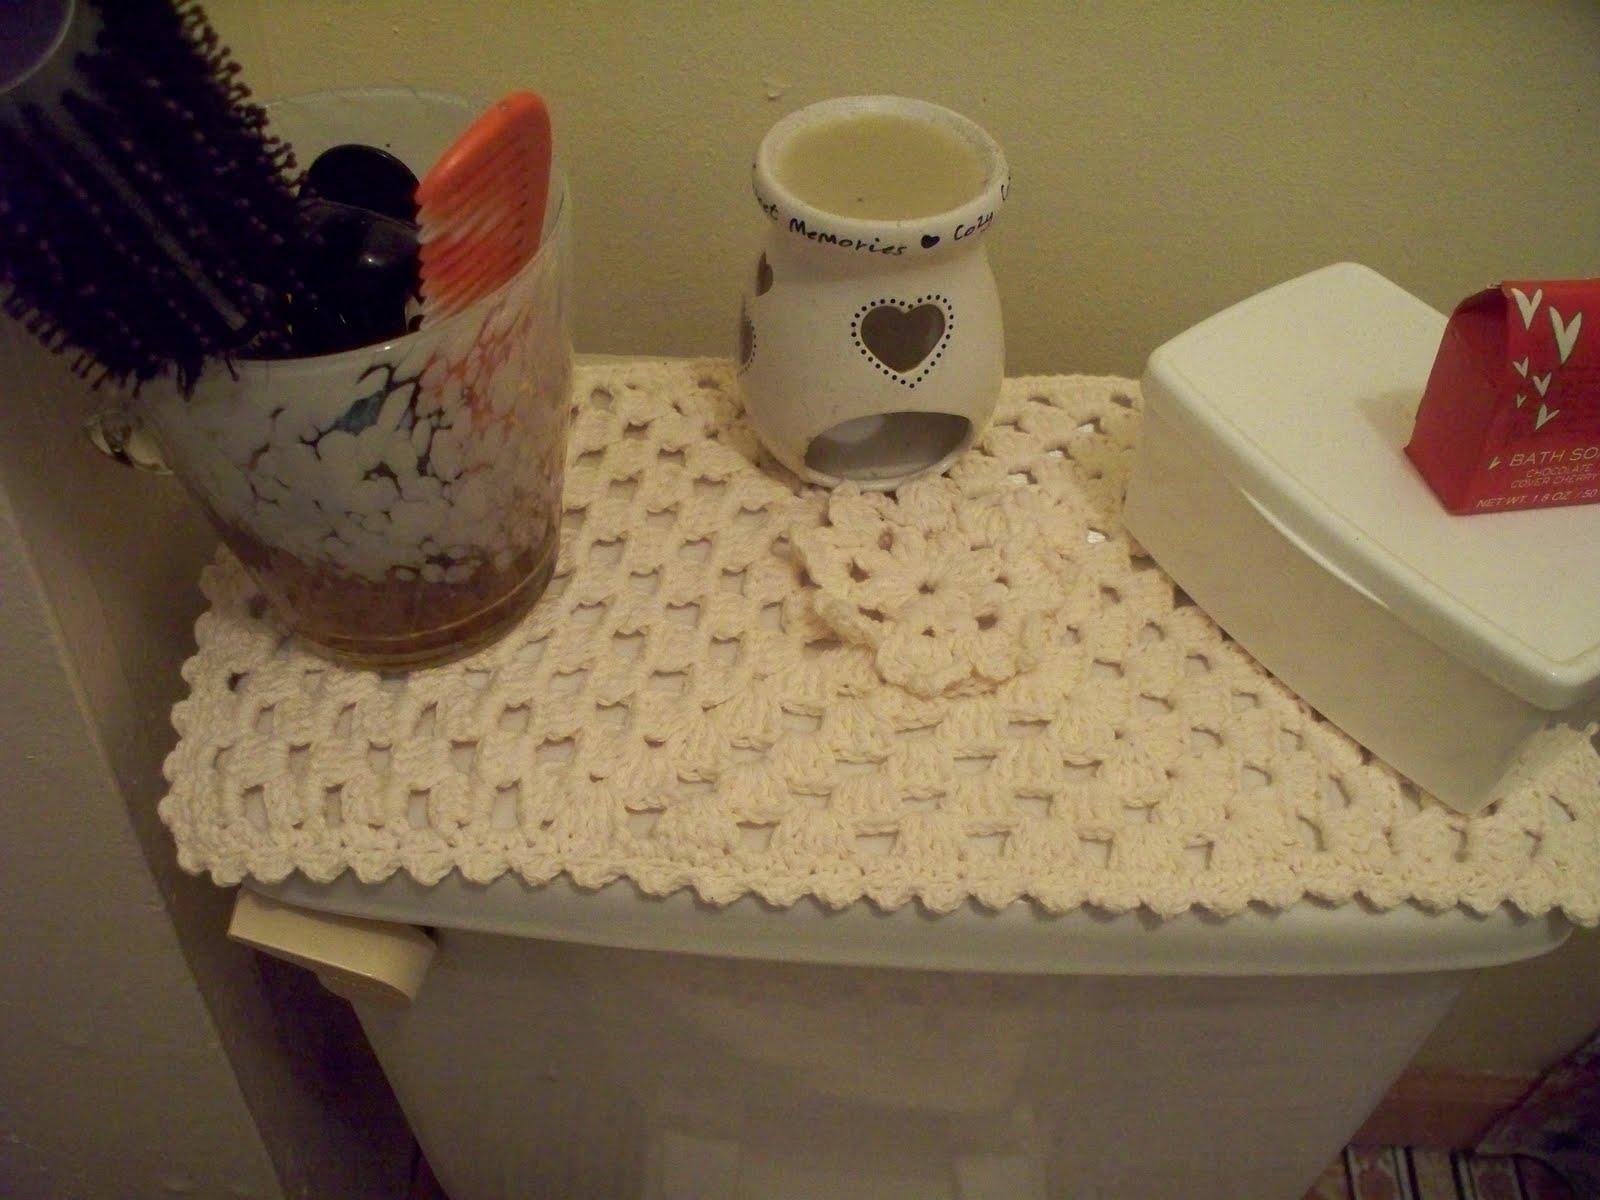 Tejiendo hilos y lanas conjunto para el bano a chochet for Estanque para bano